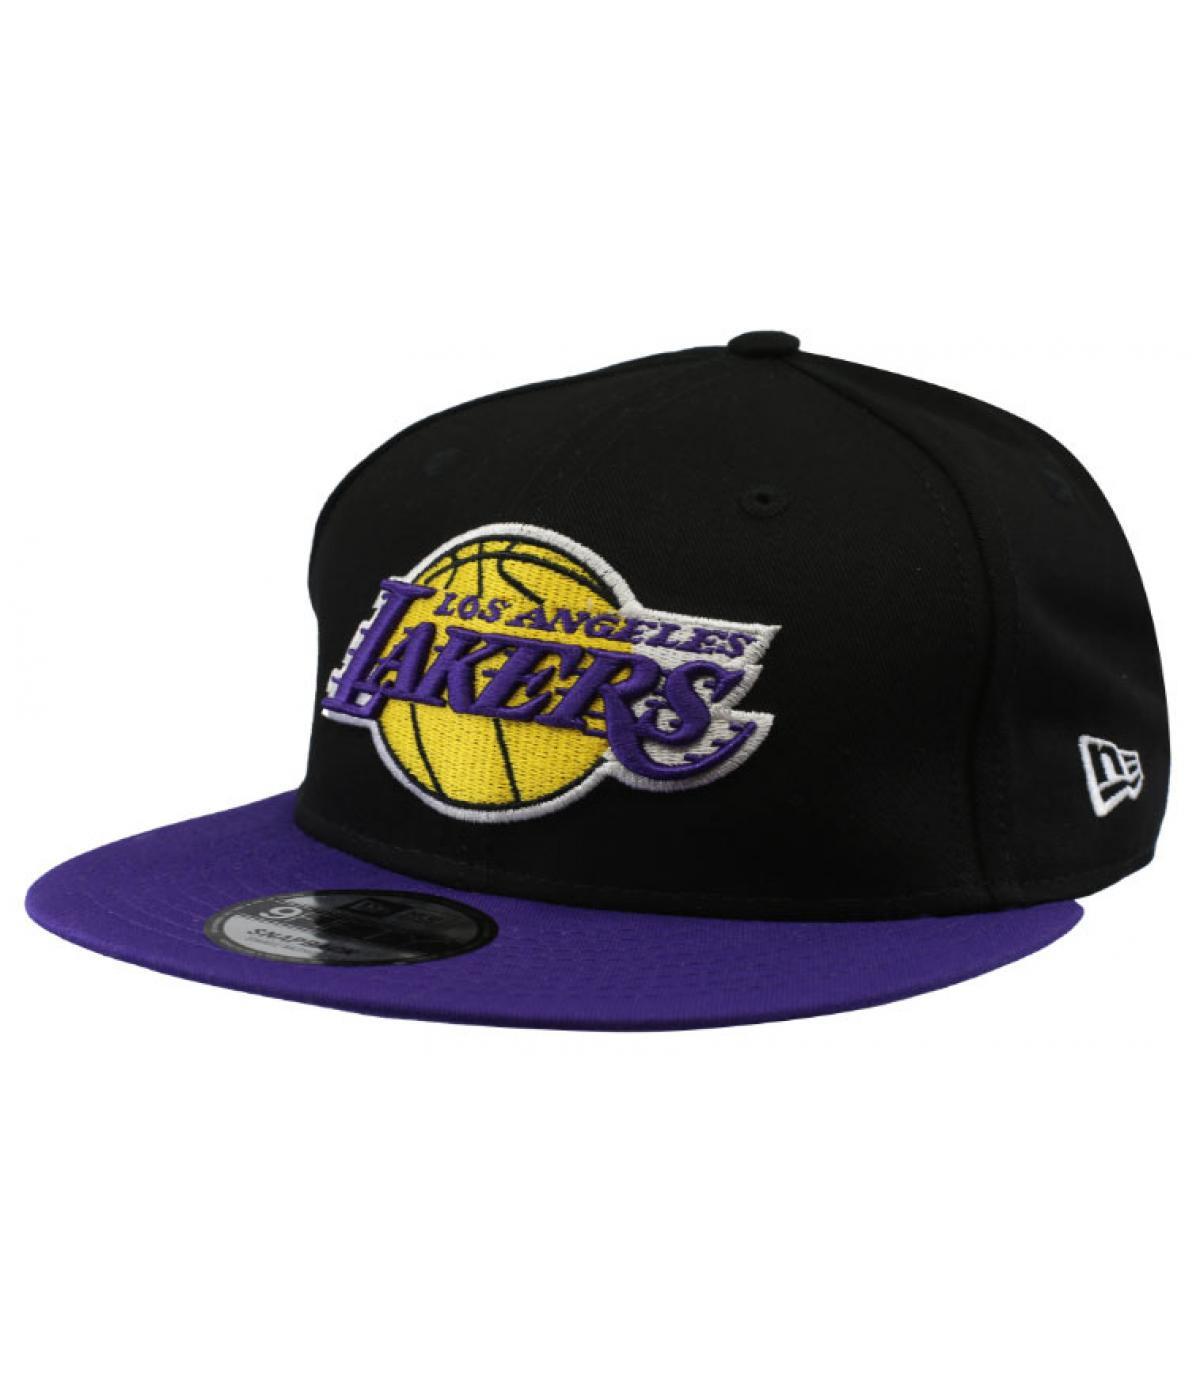 Détails Snapback NBA Lakers 950 - image 2